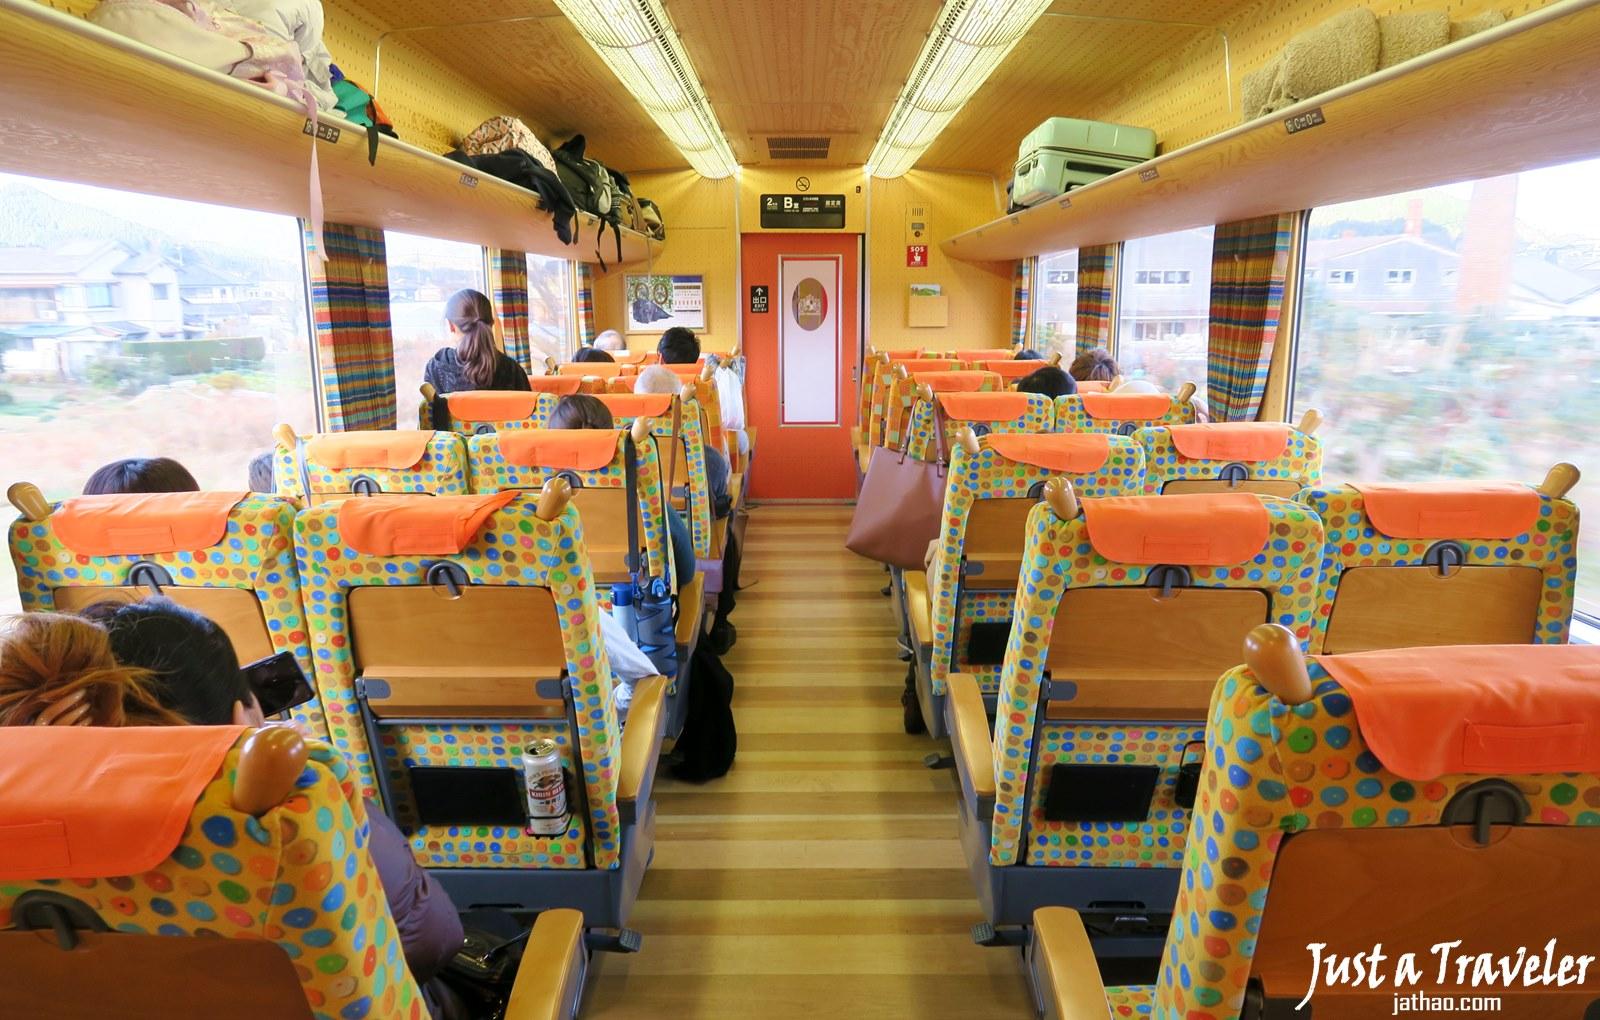 九州-長崎-景點-推薦-豪斯登堡-豪斯登堡交通-豪斯登堡行程-豪斯登堡攻略-豪斯登堡一日遊-JR-火車-旅遊-自由行-Kyushu-Huis Ten Bosch-Travel-Japan